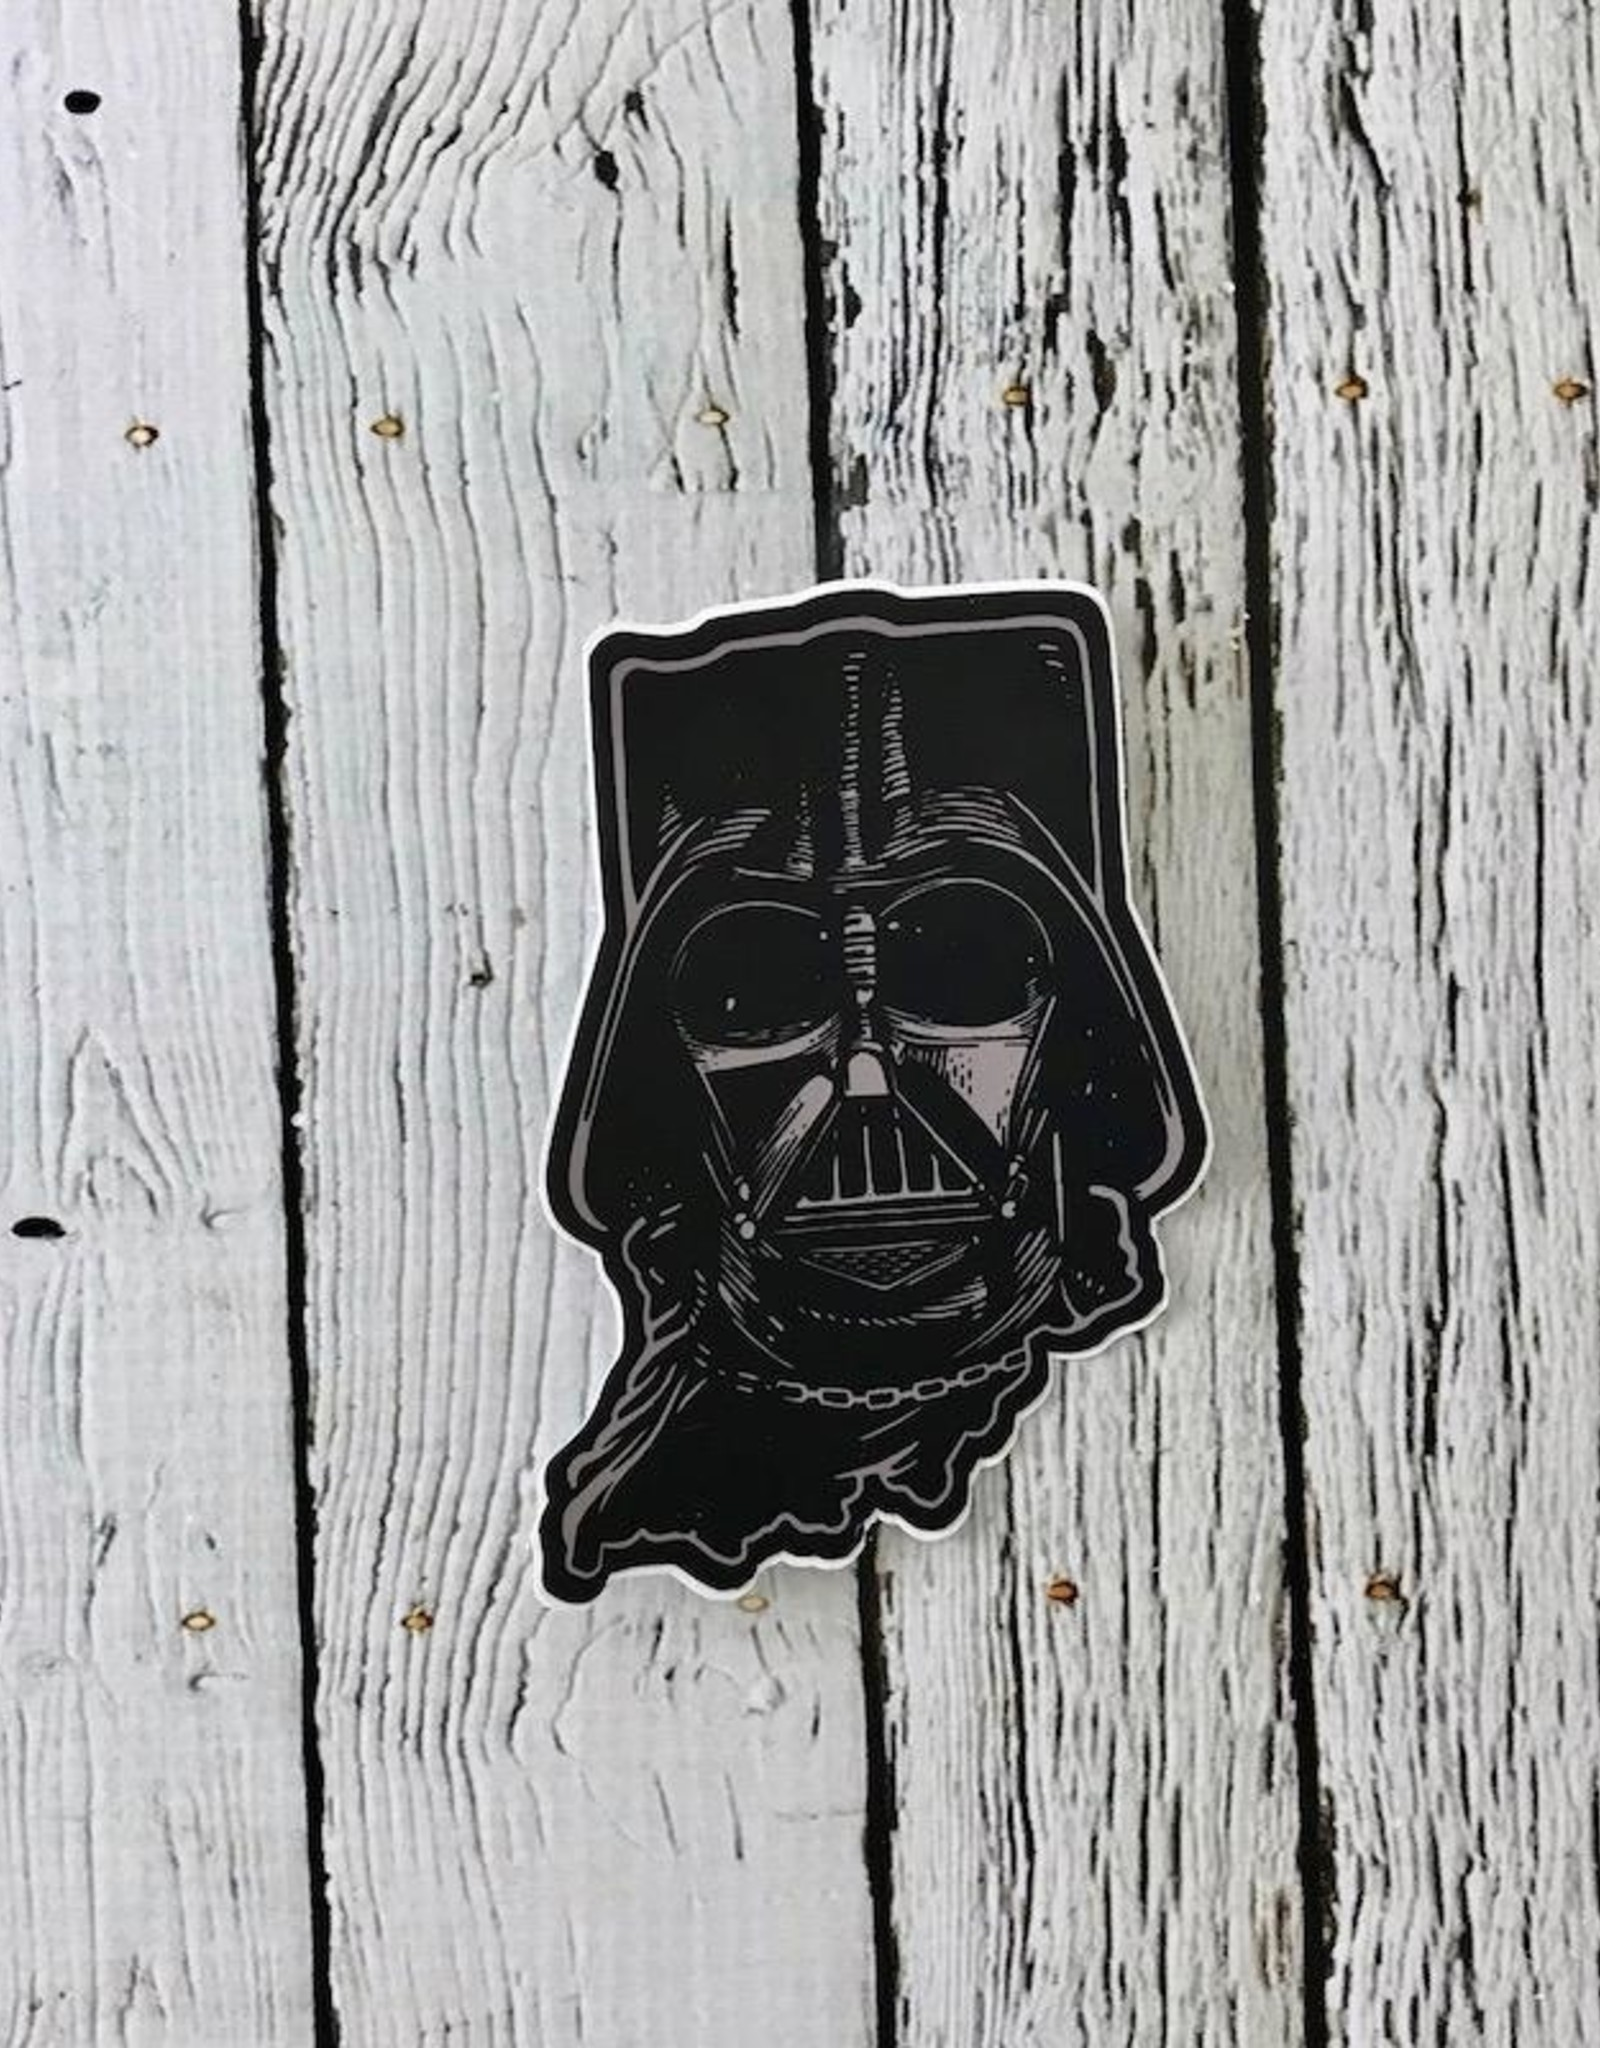 USI Indiana Darth Vader Sticker